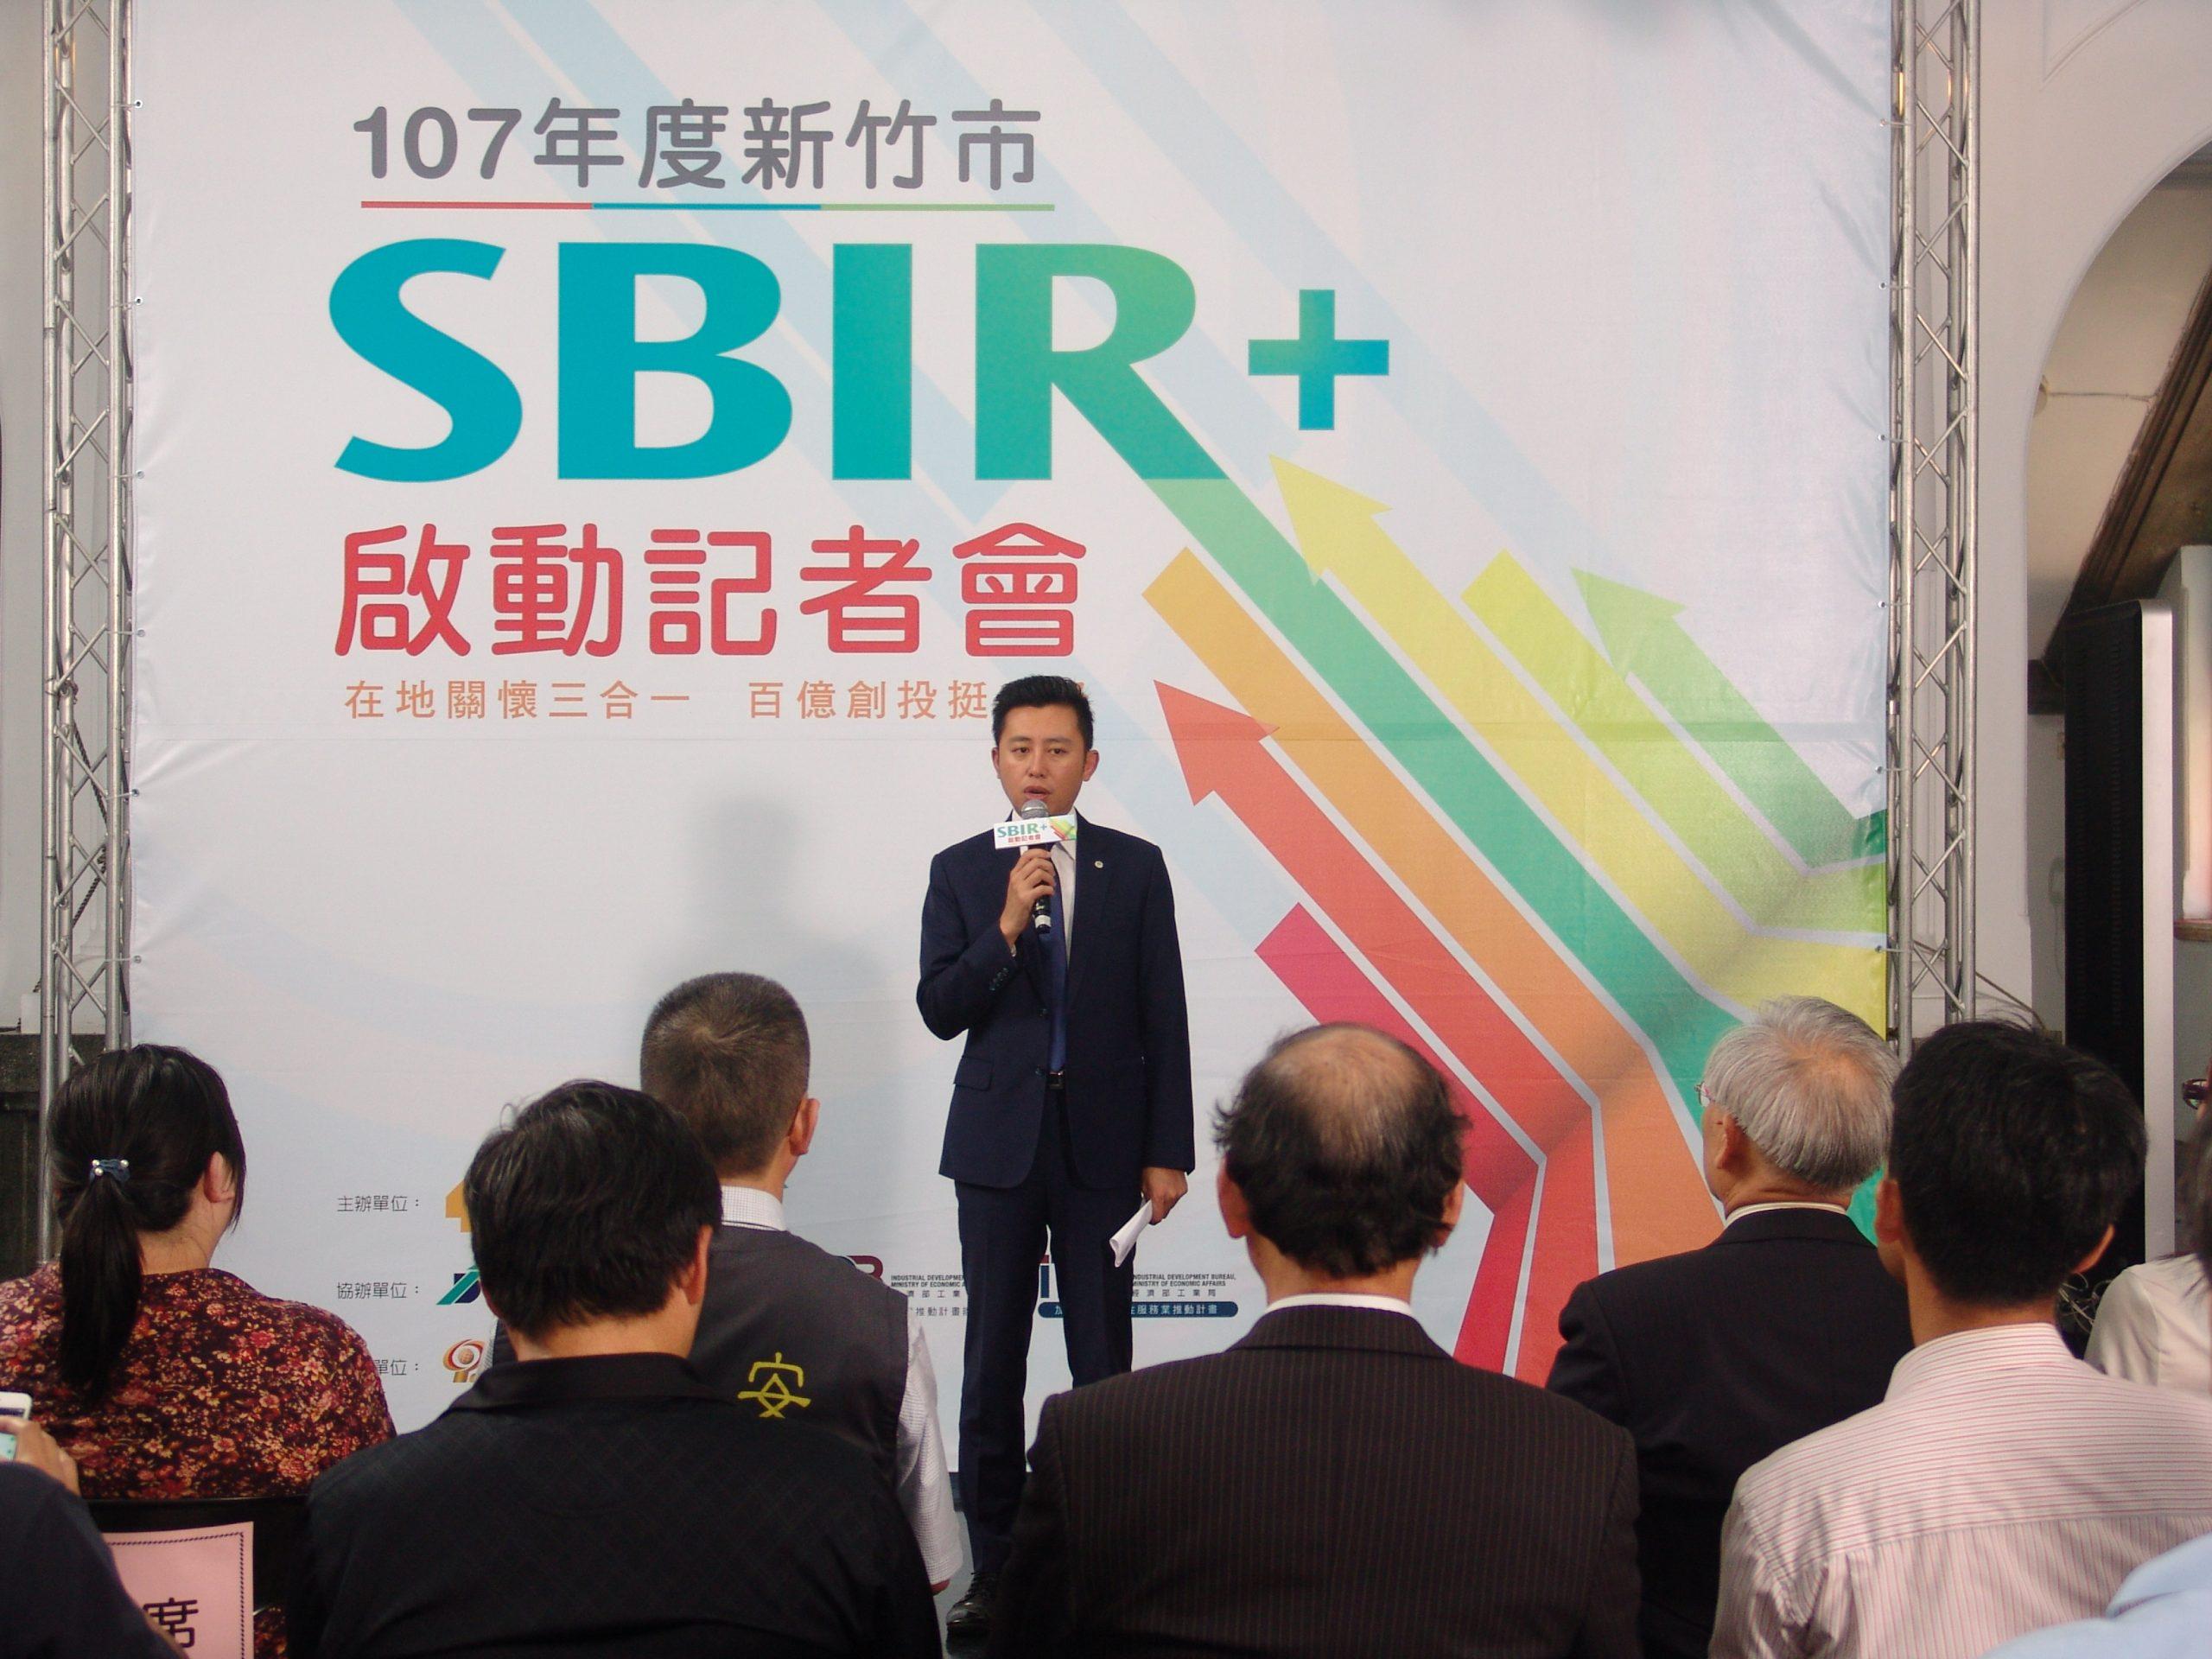 SBIR2.0正式開跑 結合加值服務協助在地創業家 107年度計畫受理申請至6/29截止_桃園機場接送